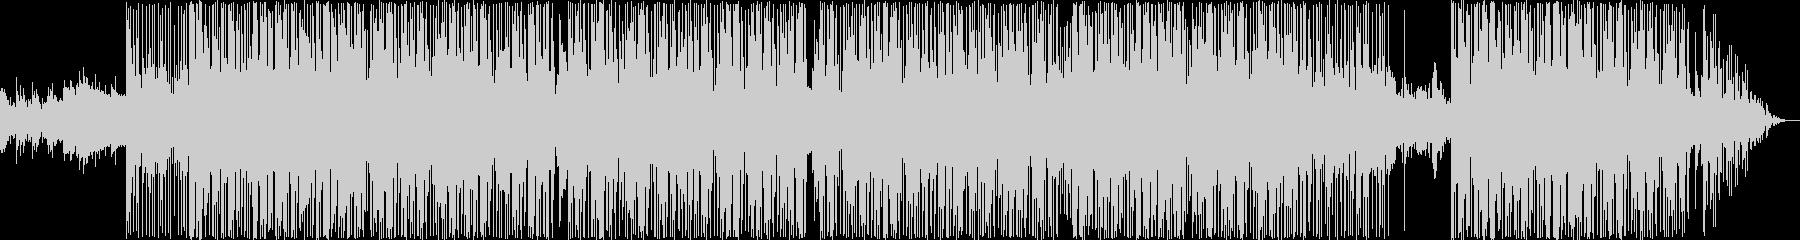 ヒップホップジャズトラックの未再生の波形